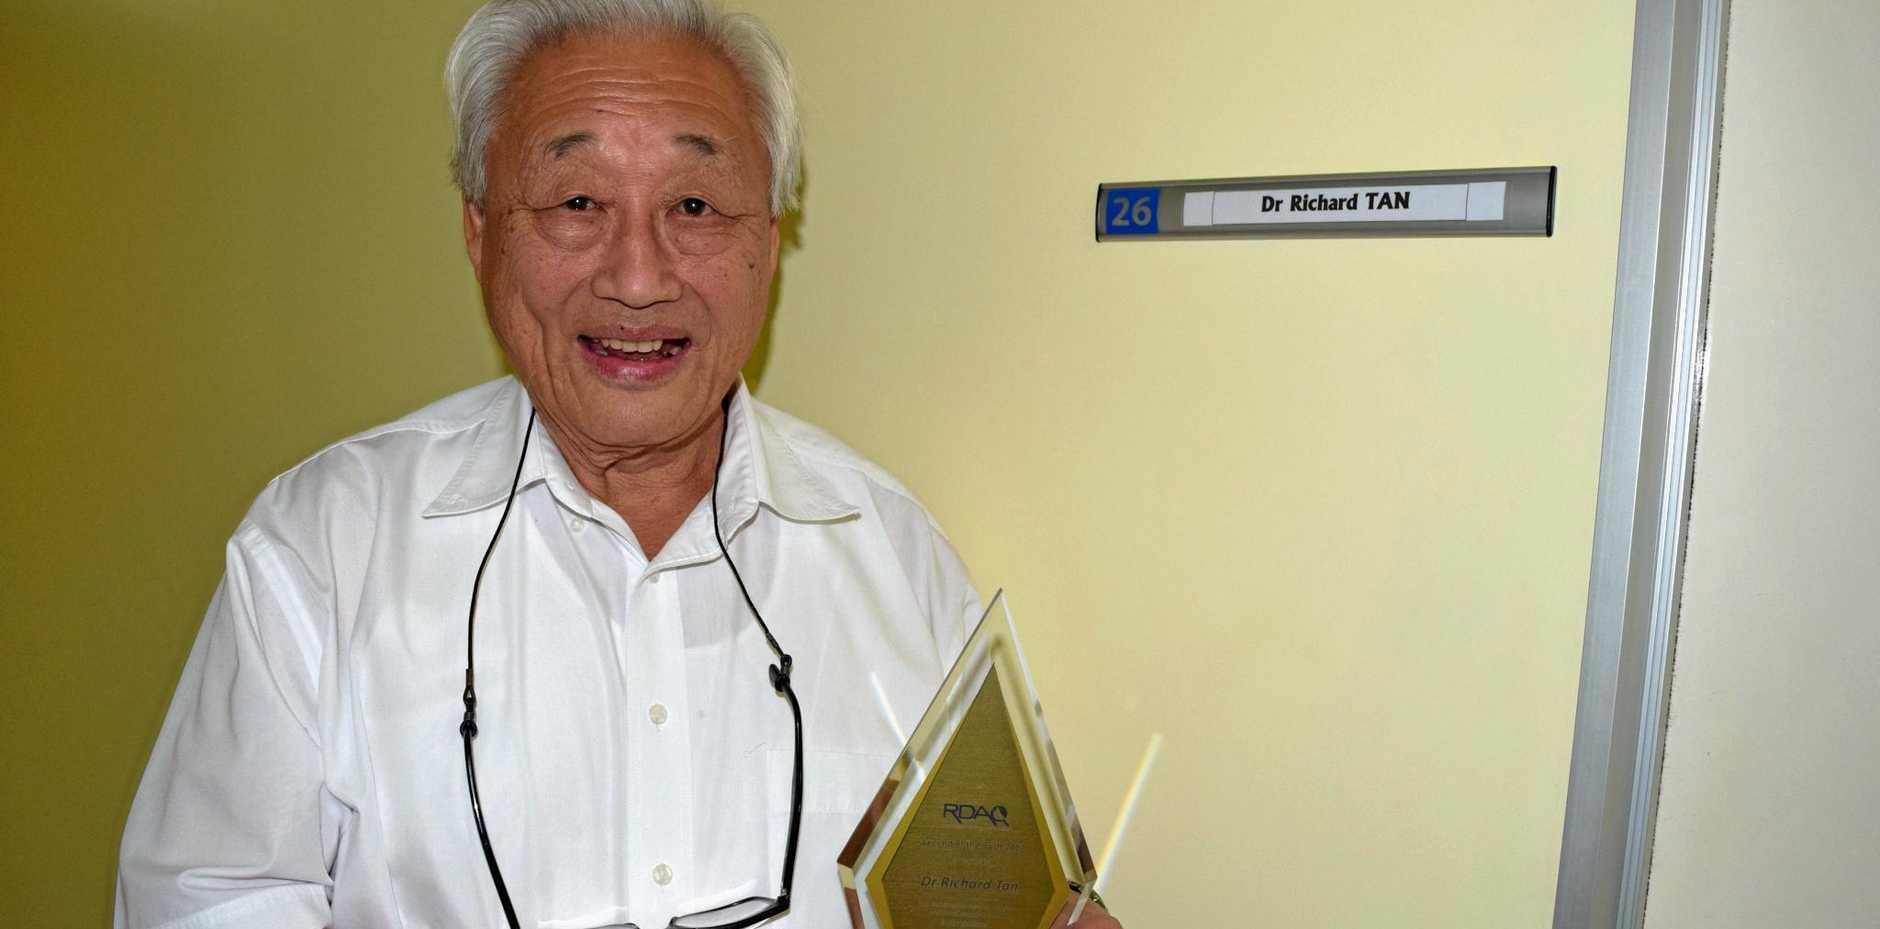 Dr Tan with his new award at his Biloela surgery.